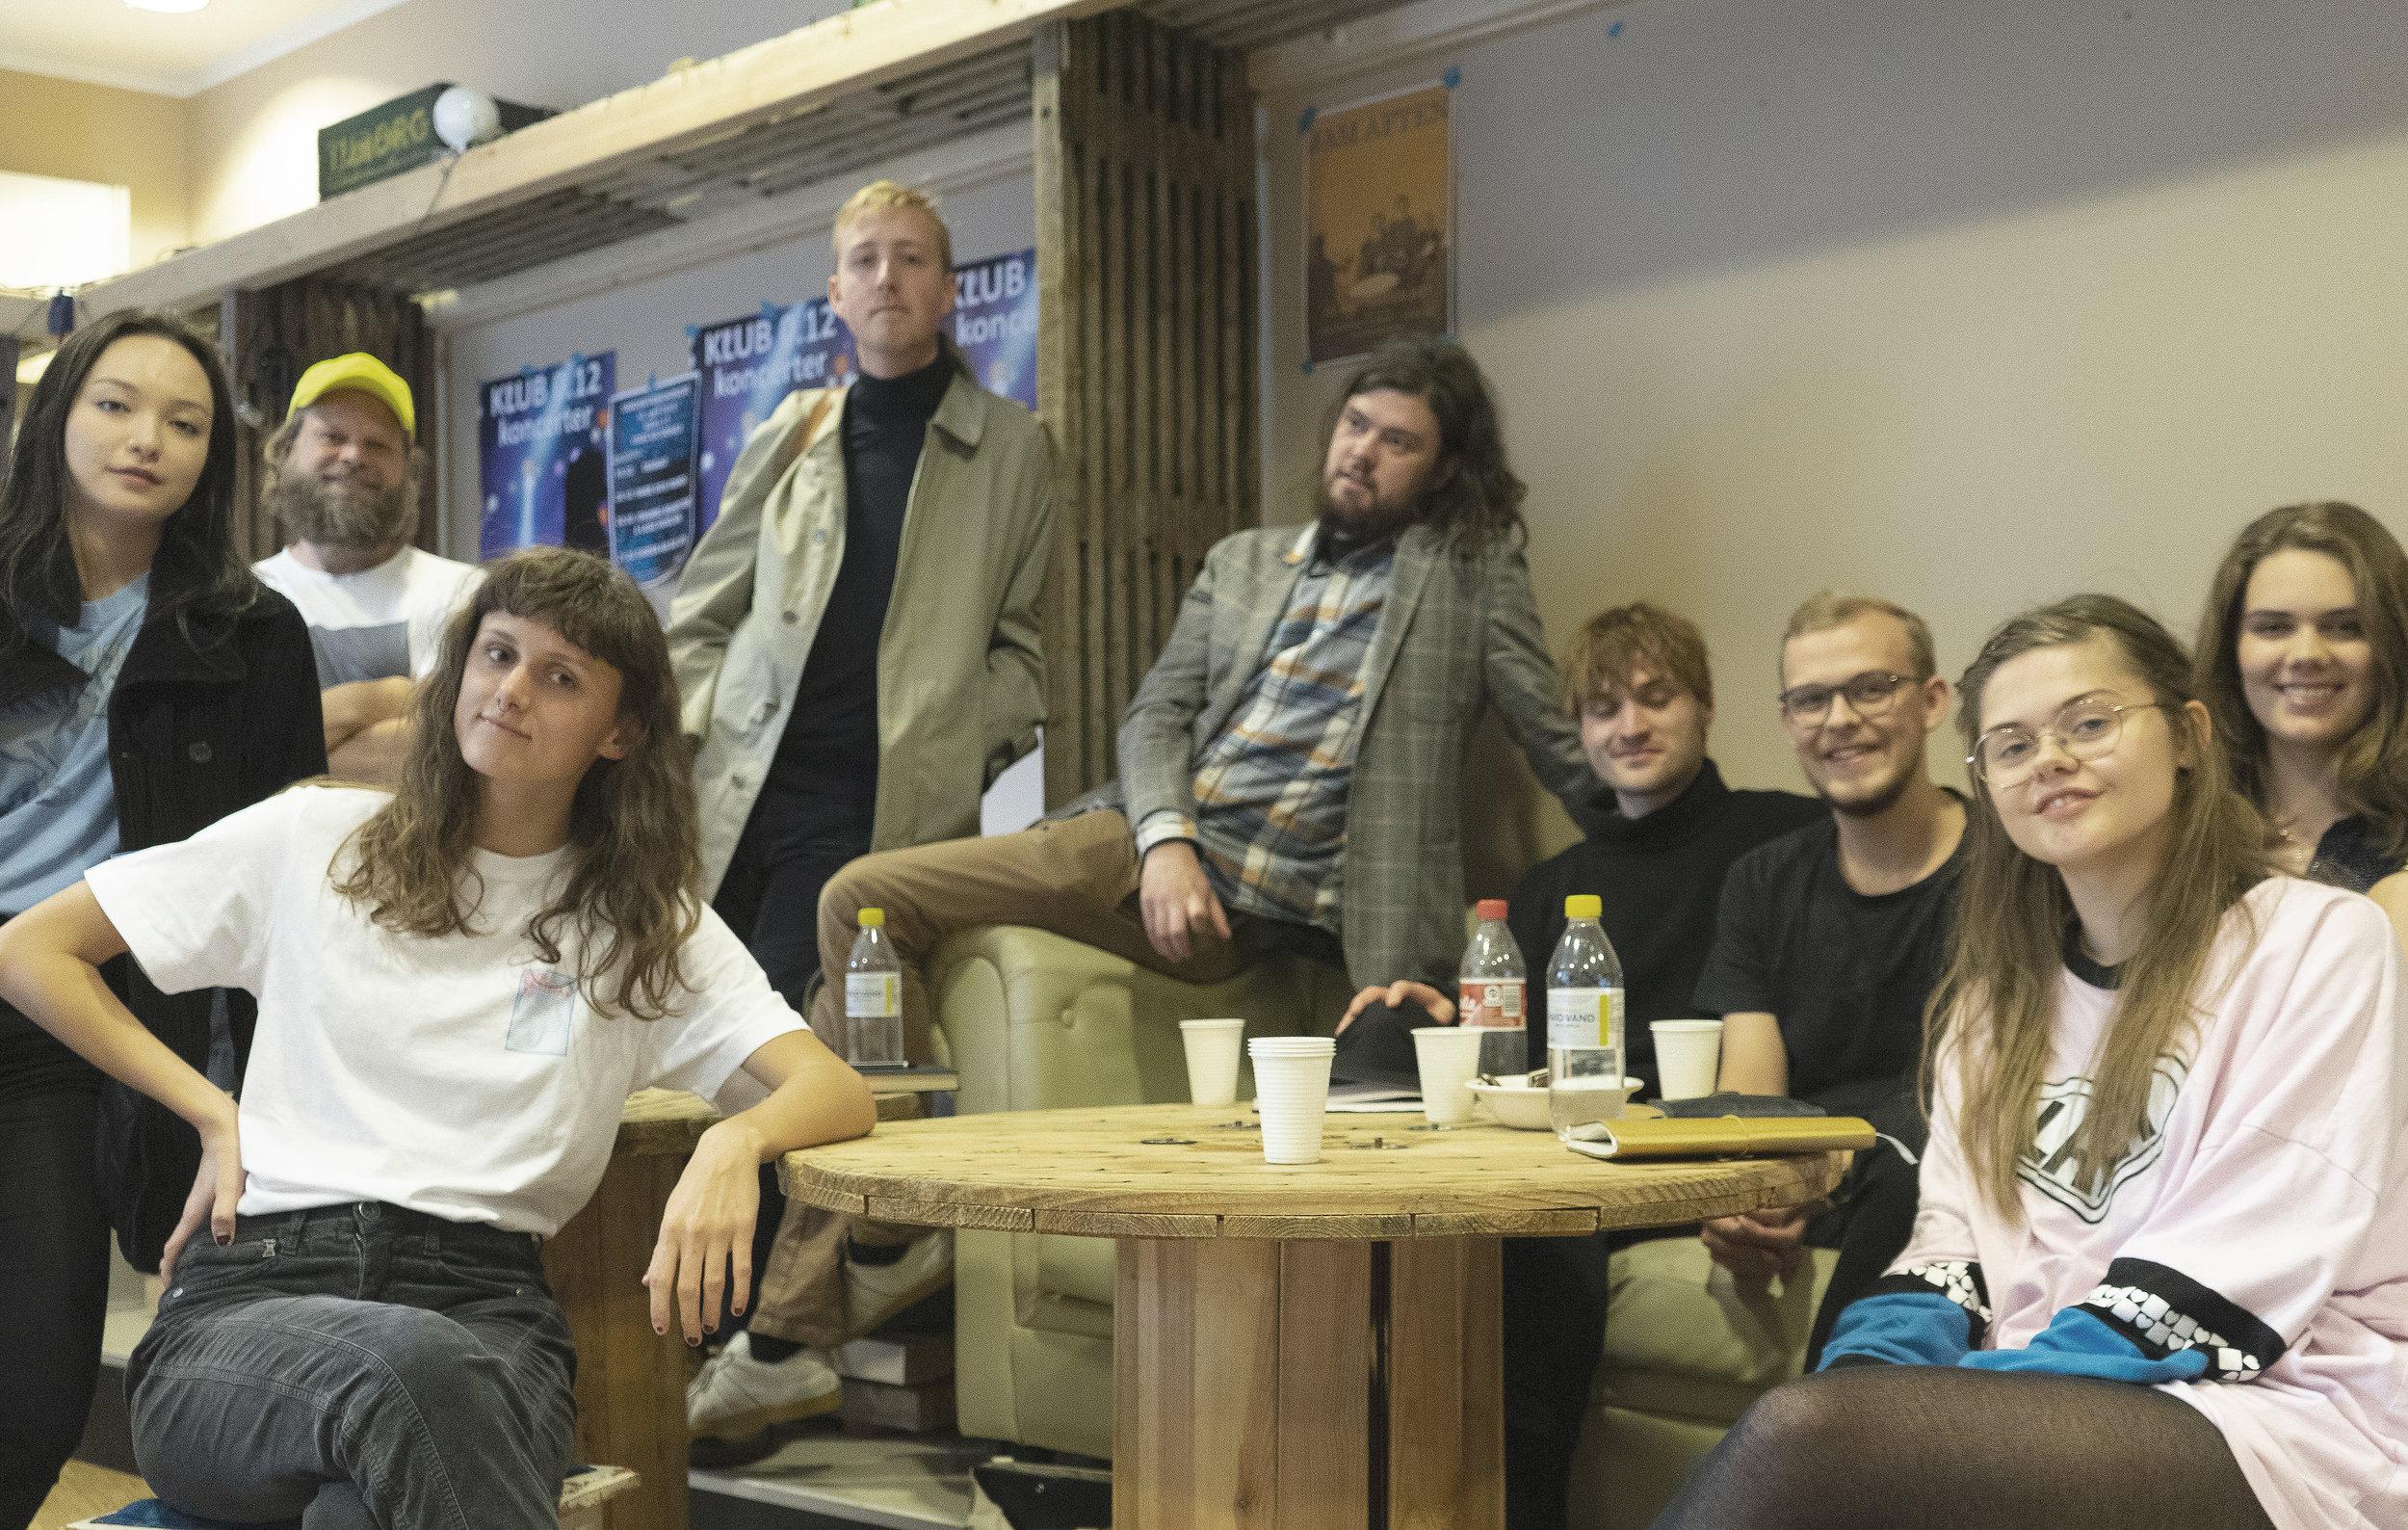 9 unge sangskrivertalenter fra MGK i Aarhus, Viborg og Holstebro har skrevet 7 nye Sange til Verden med hjælp fra musiker Gisli Gislason. Sangene er en del af projektet Sange til Verden, der tager afsæt i FN's 17 verdensmål til bæredygtig udvikling.